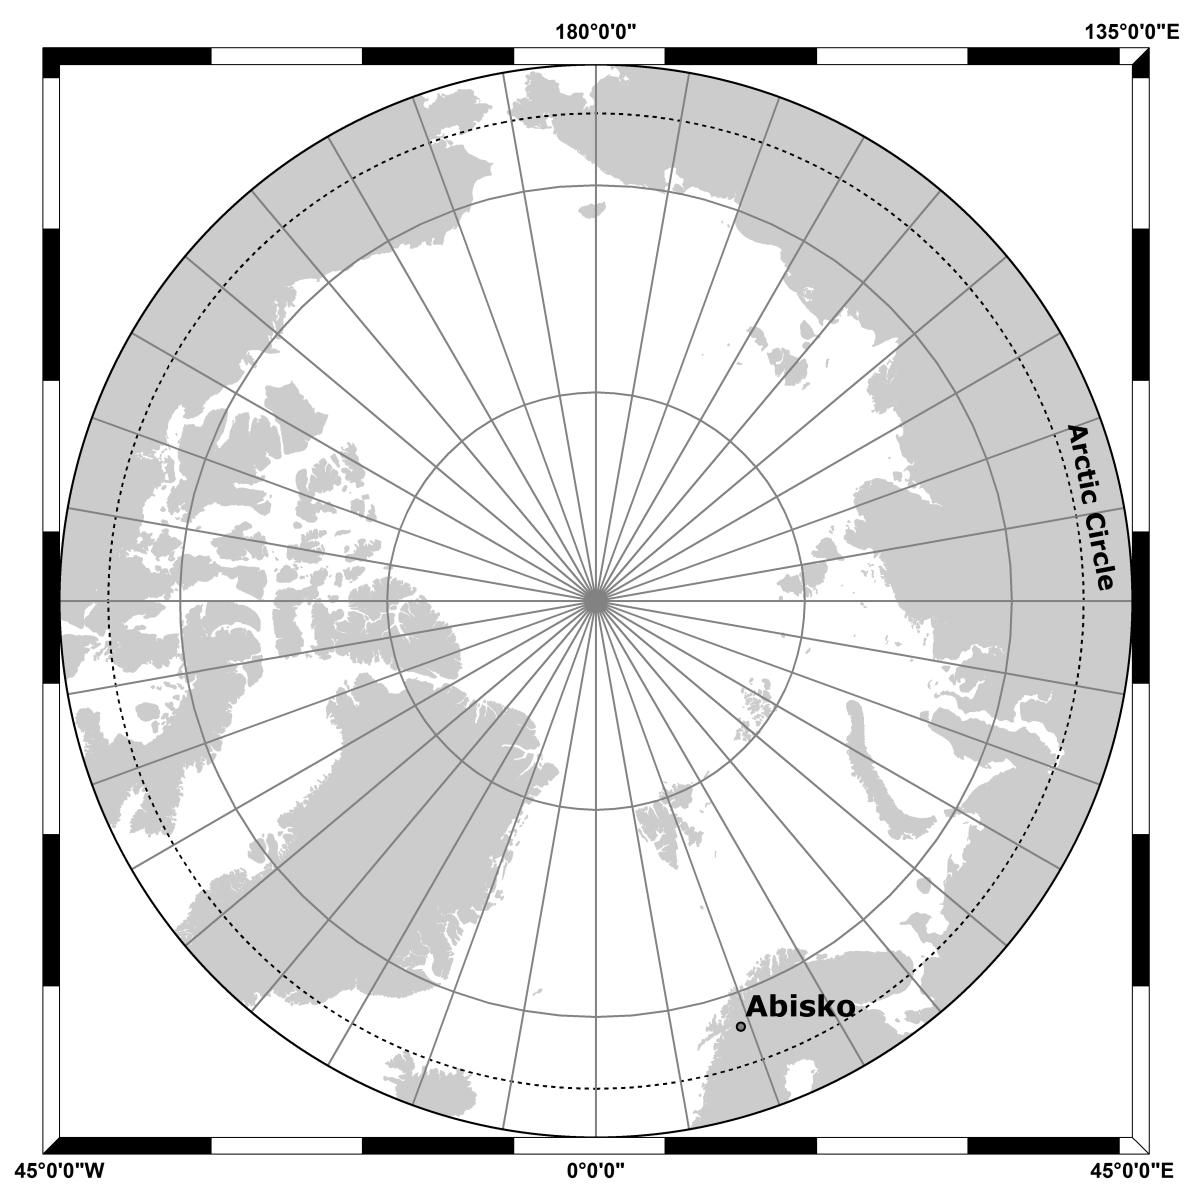 Arctic Abisko Locator Map 1200x1200.jpg